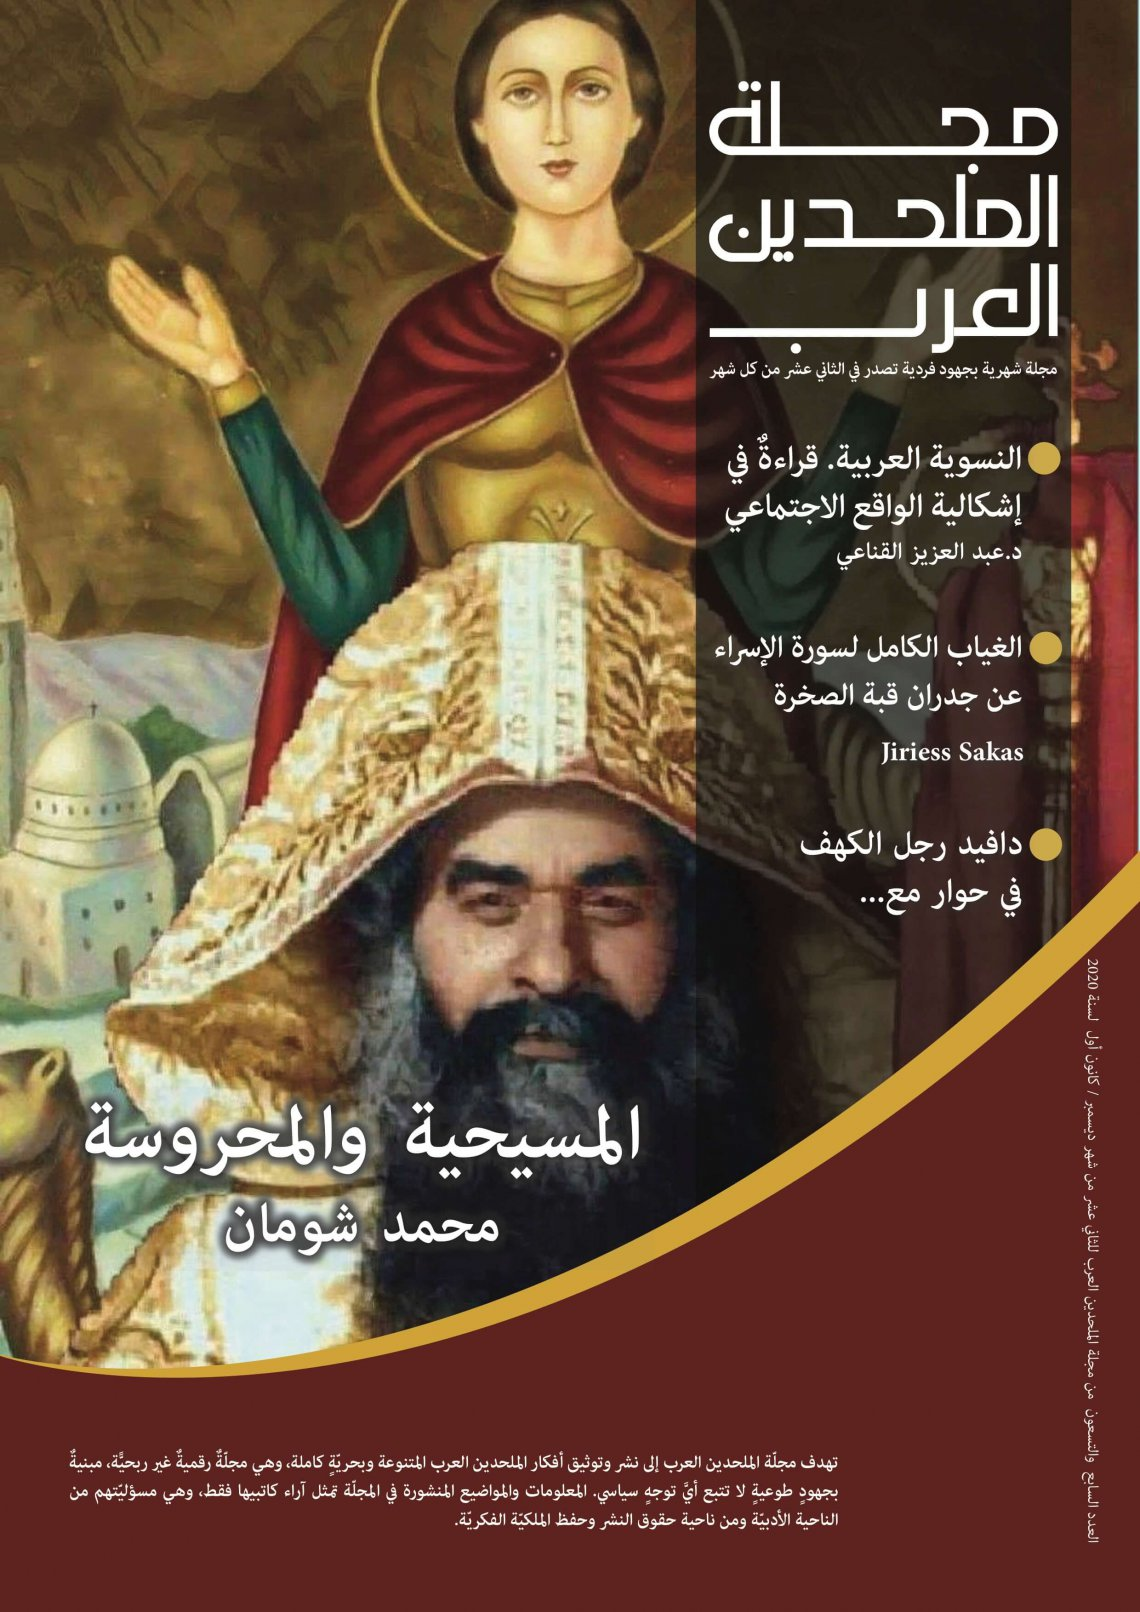 مجلة الملحدين العرب: العدد السابع والتسعون / ديسمبر كانون أول / 2020